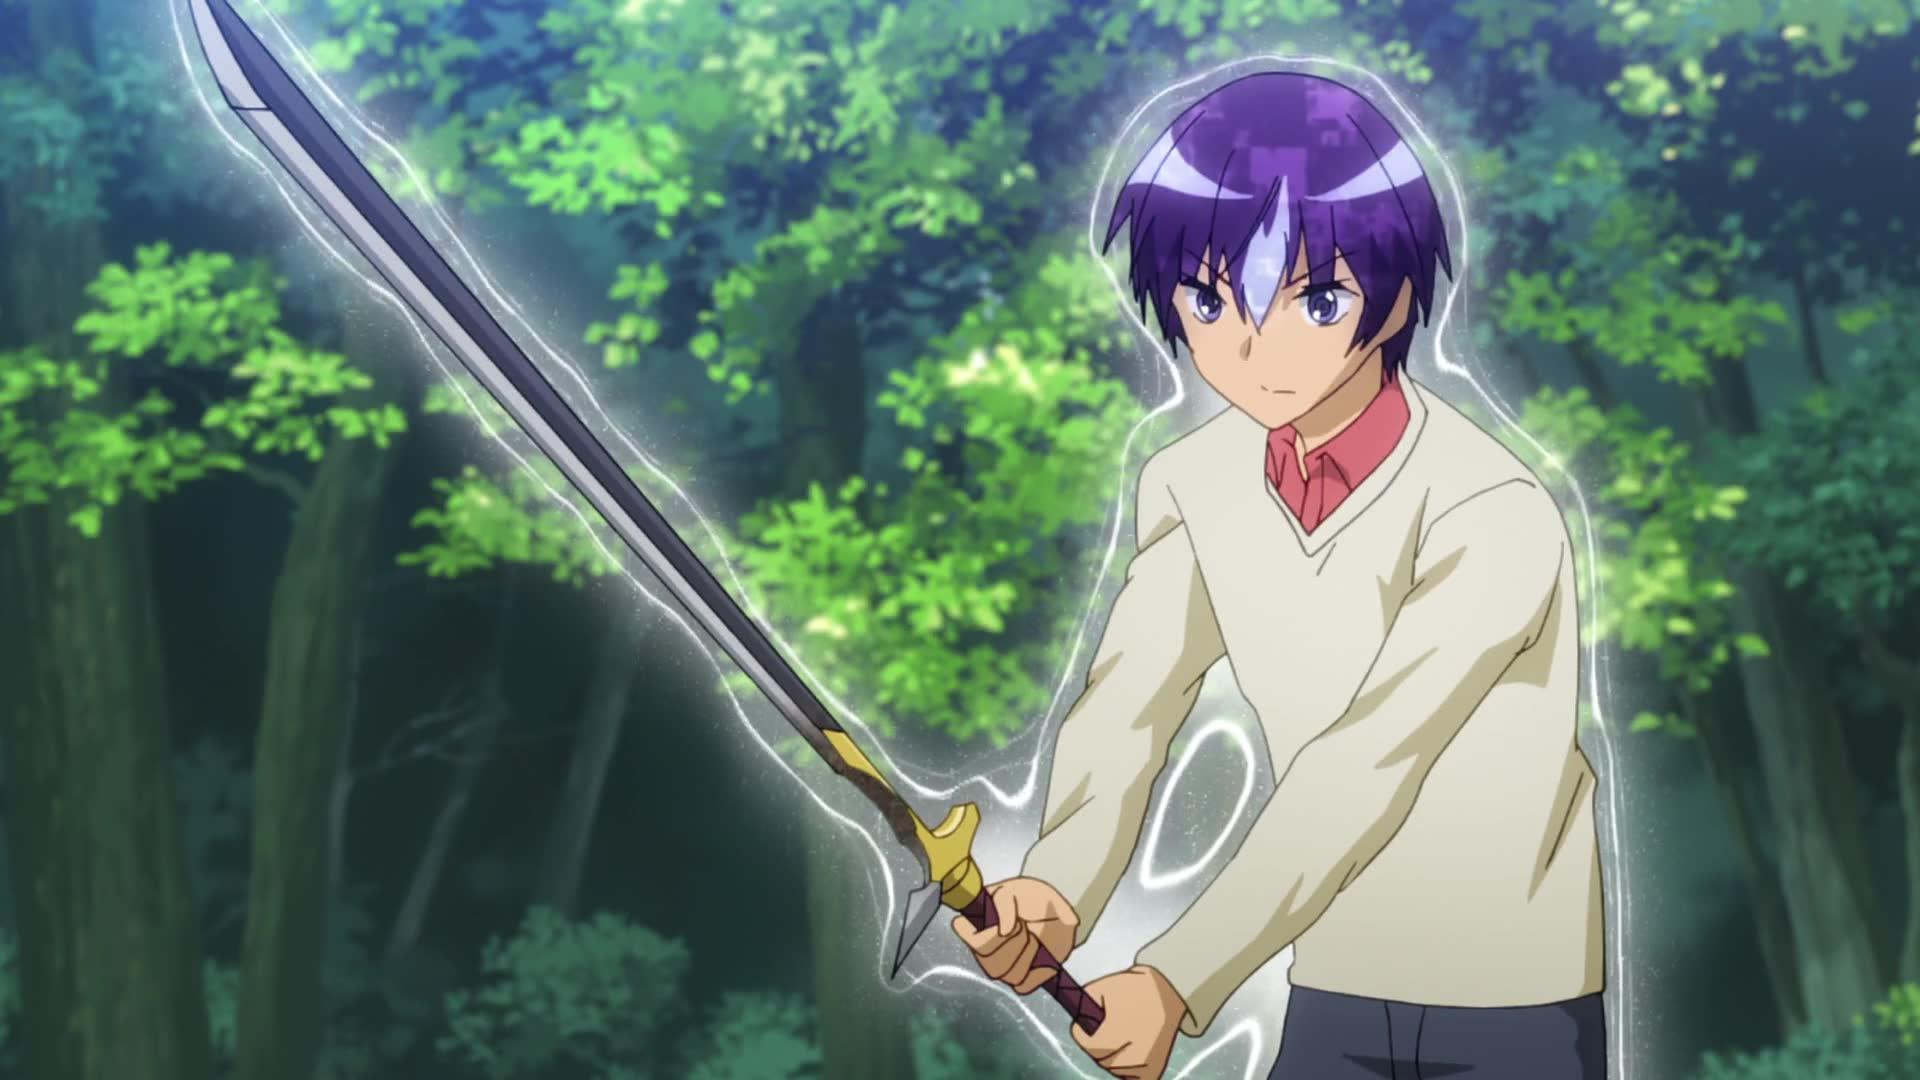 аниме мечи магия школа скачать